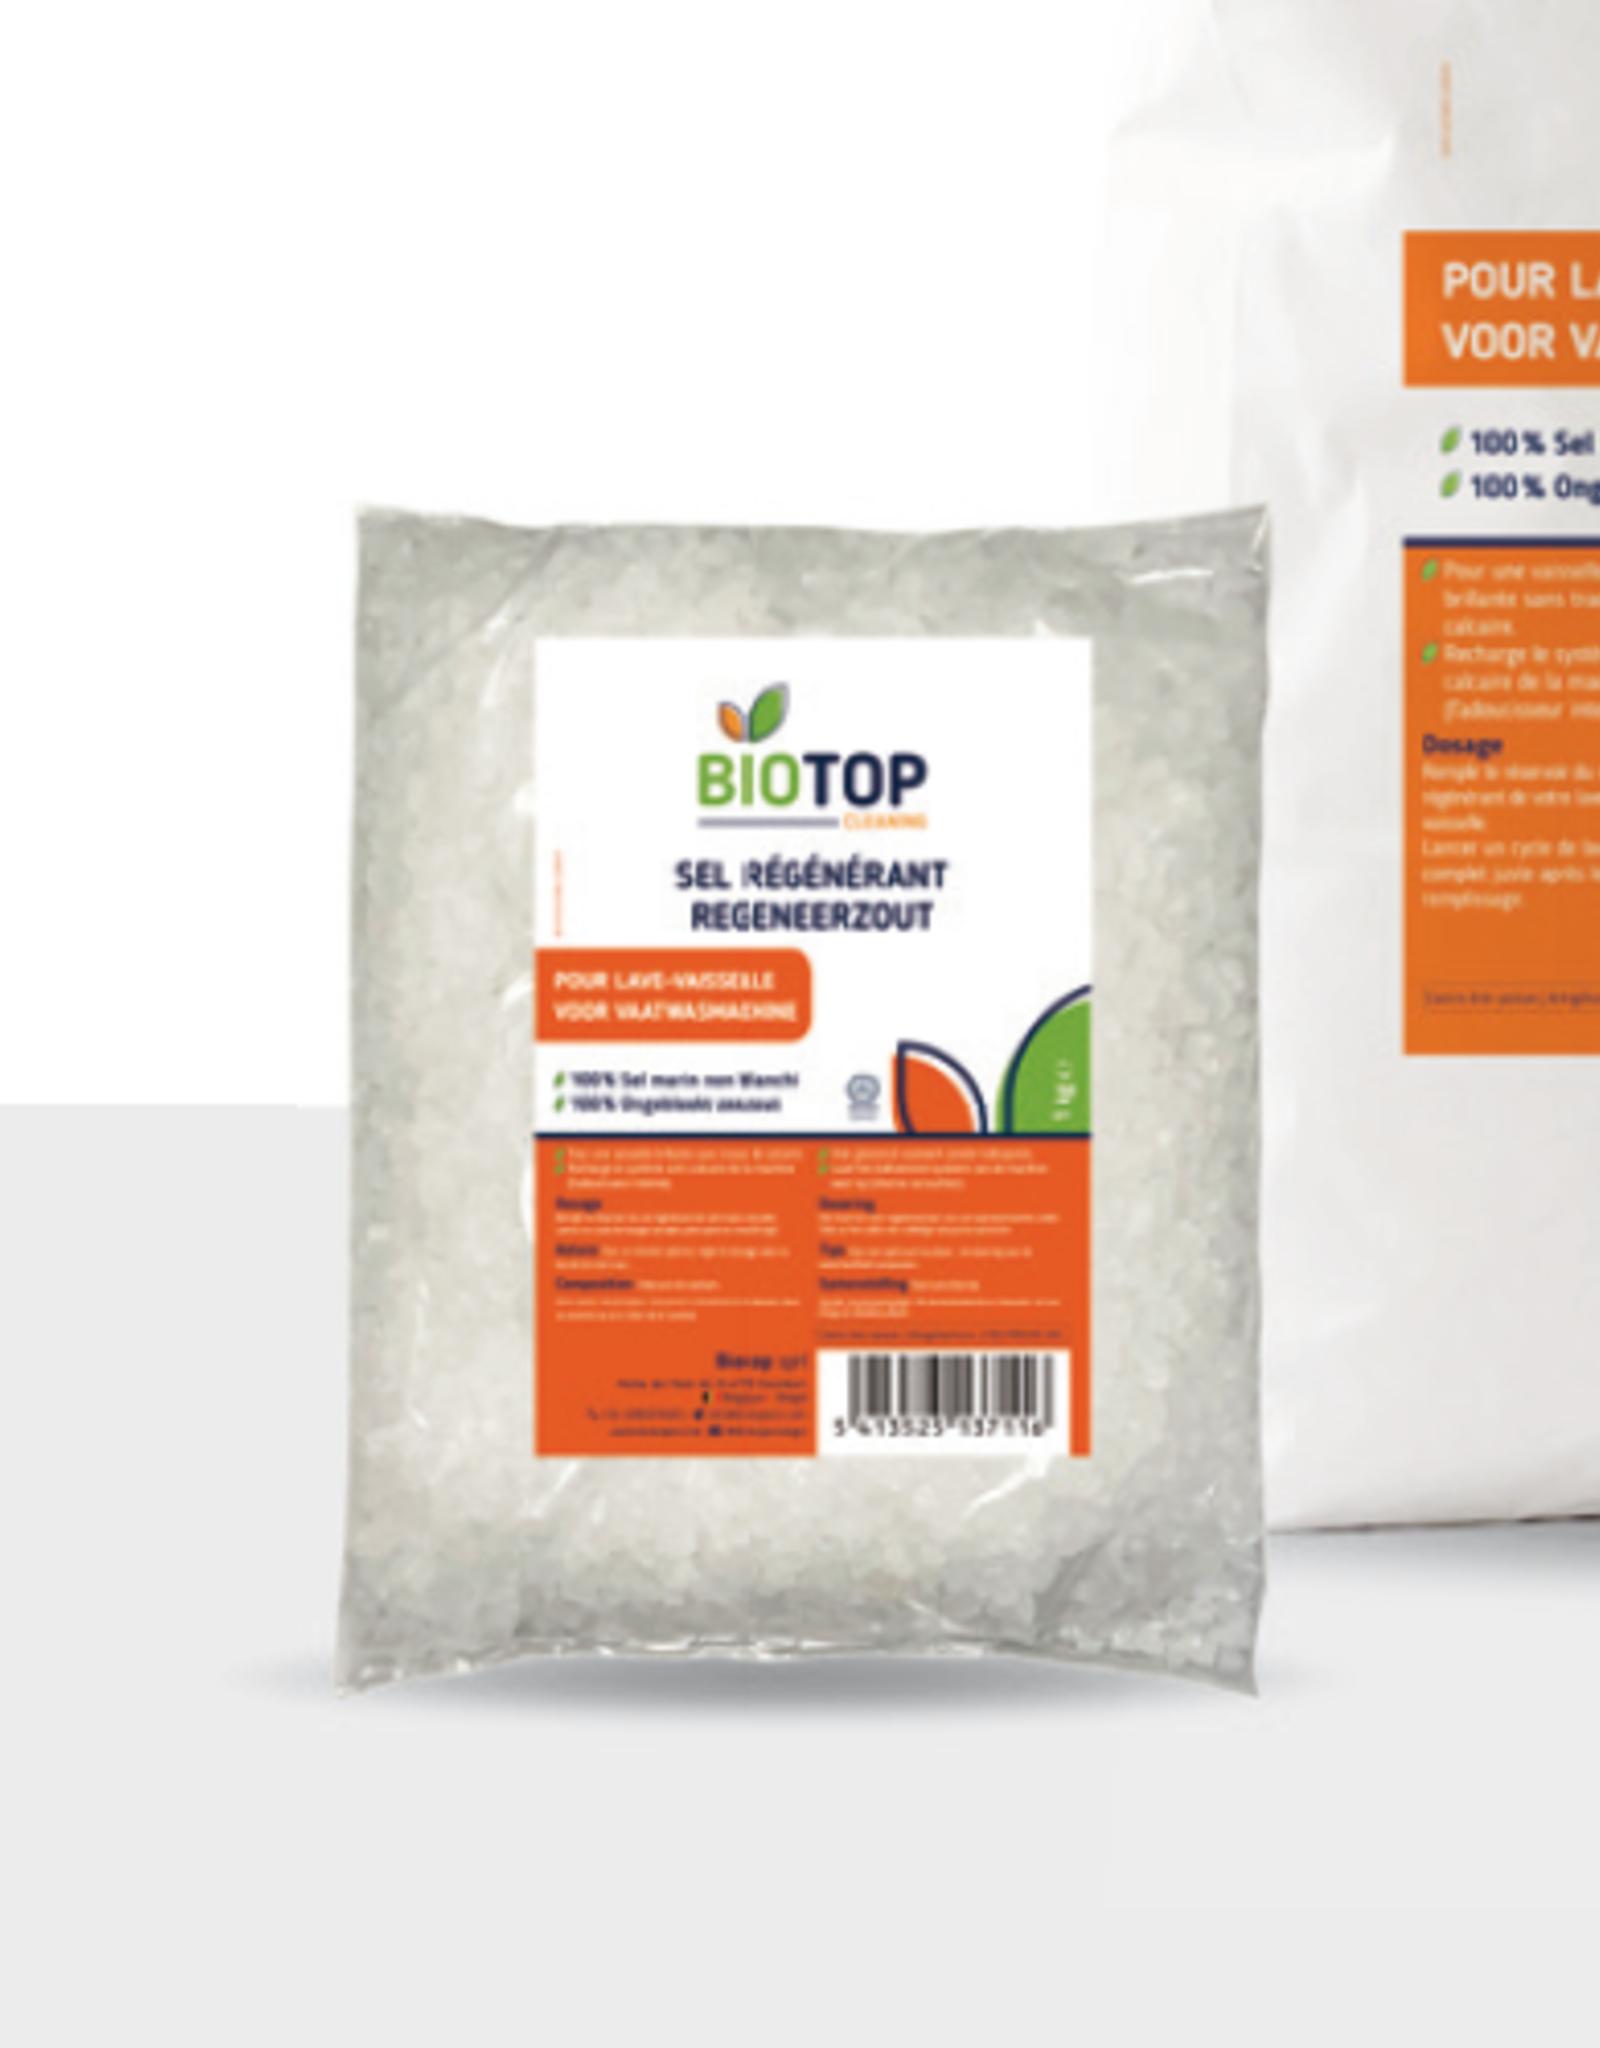 Biotop Biotop regenereerzout voor vaatwasmachine 1kg